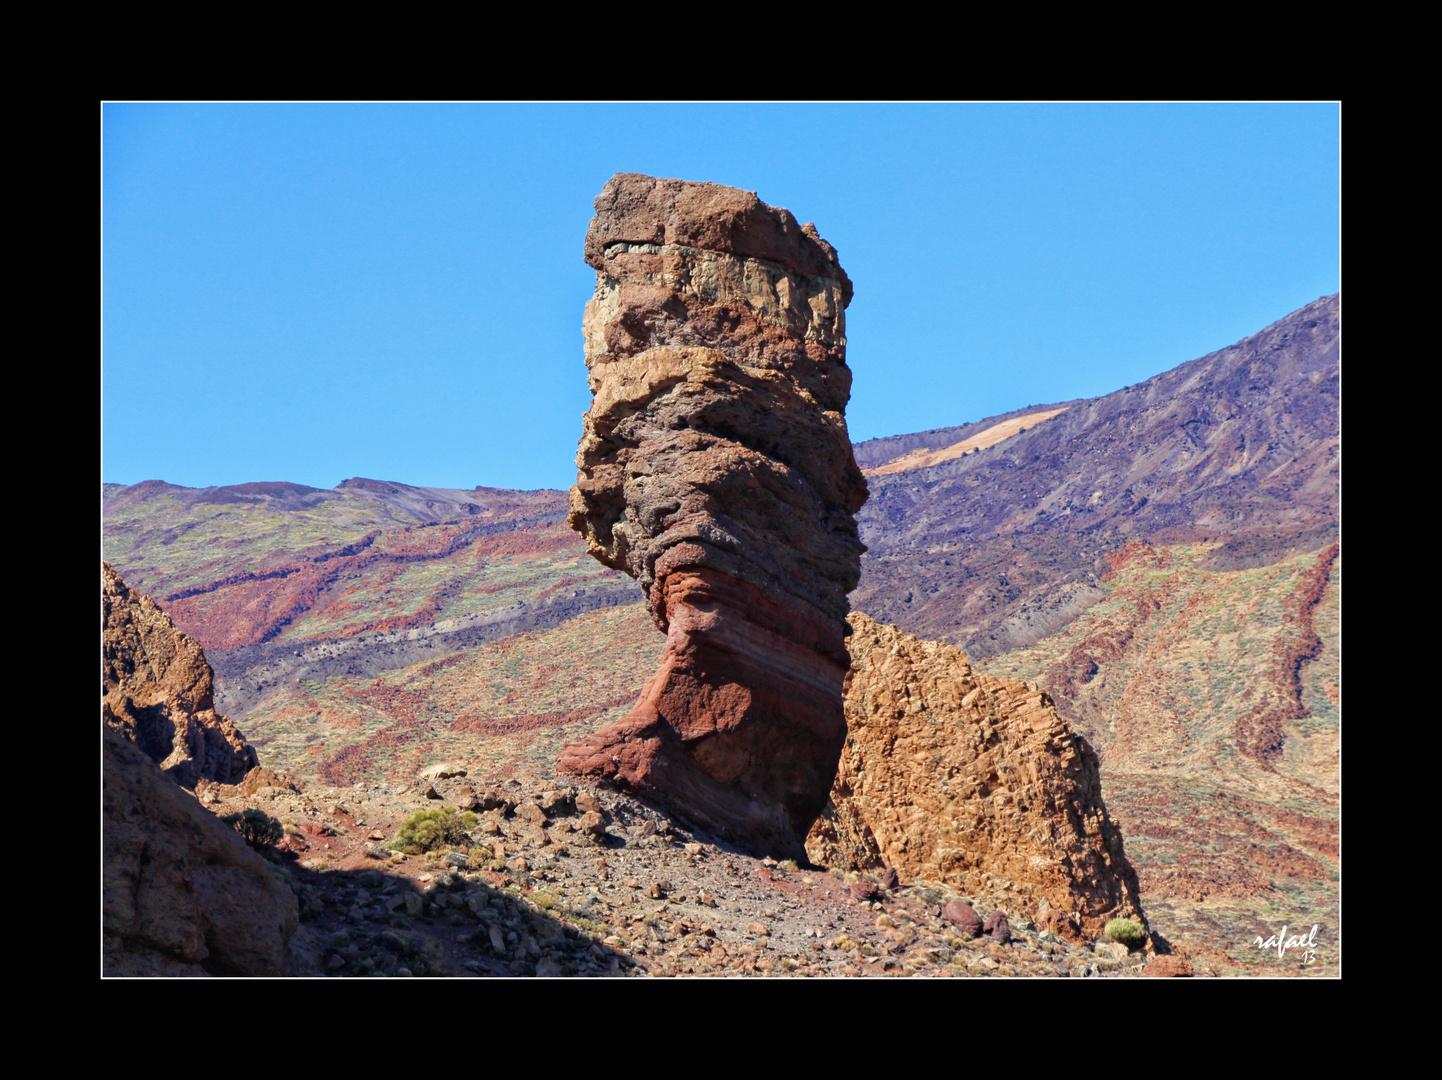 El Roque Cinchado